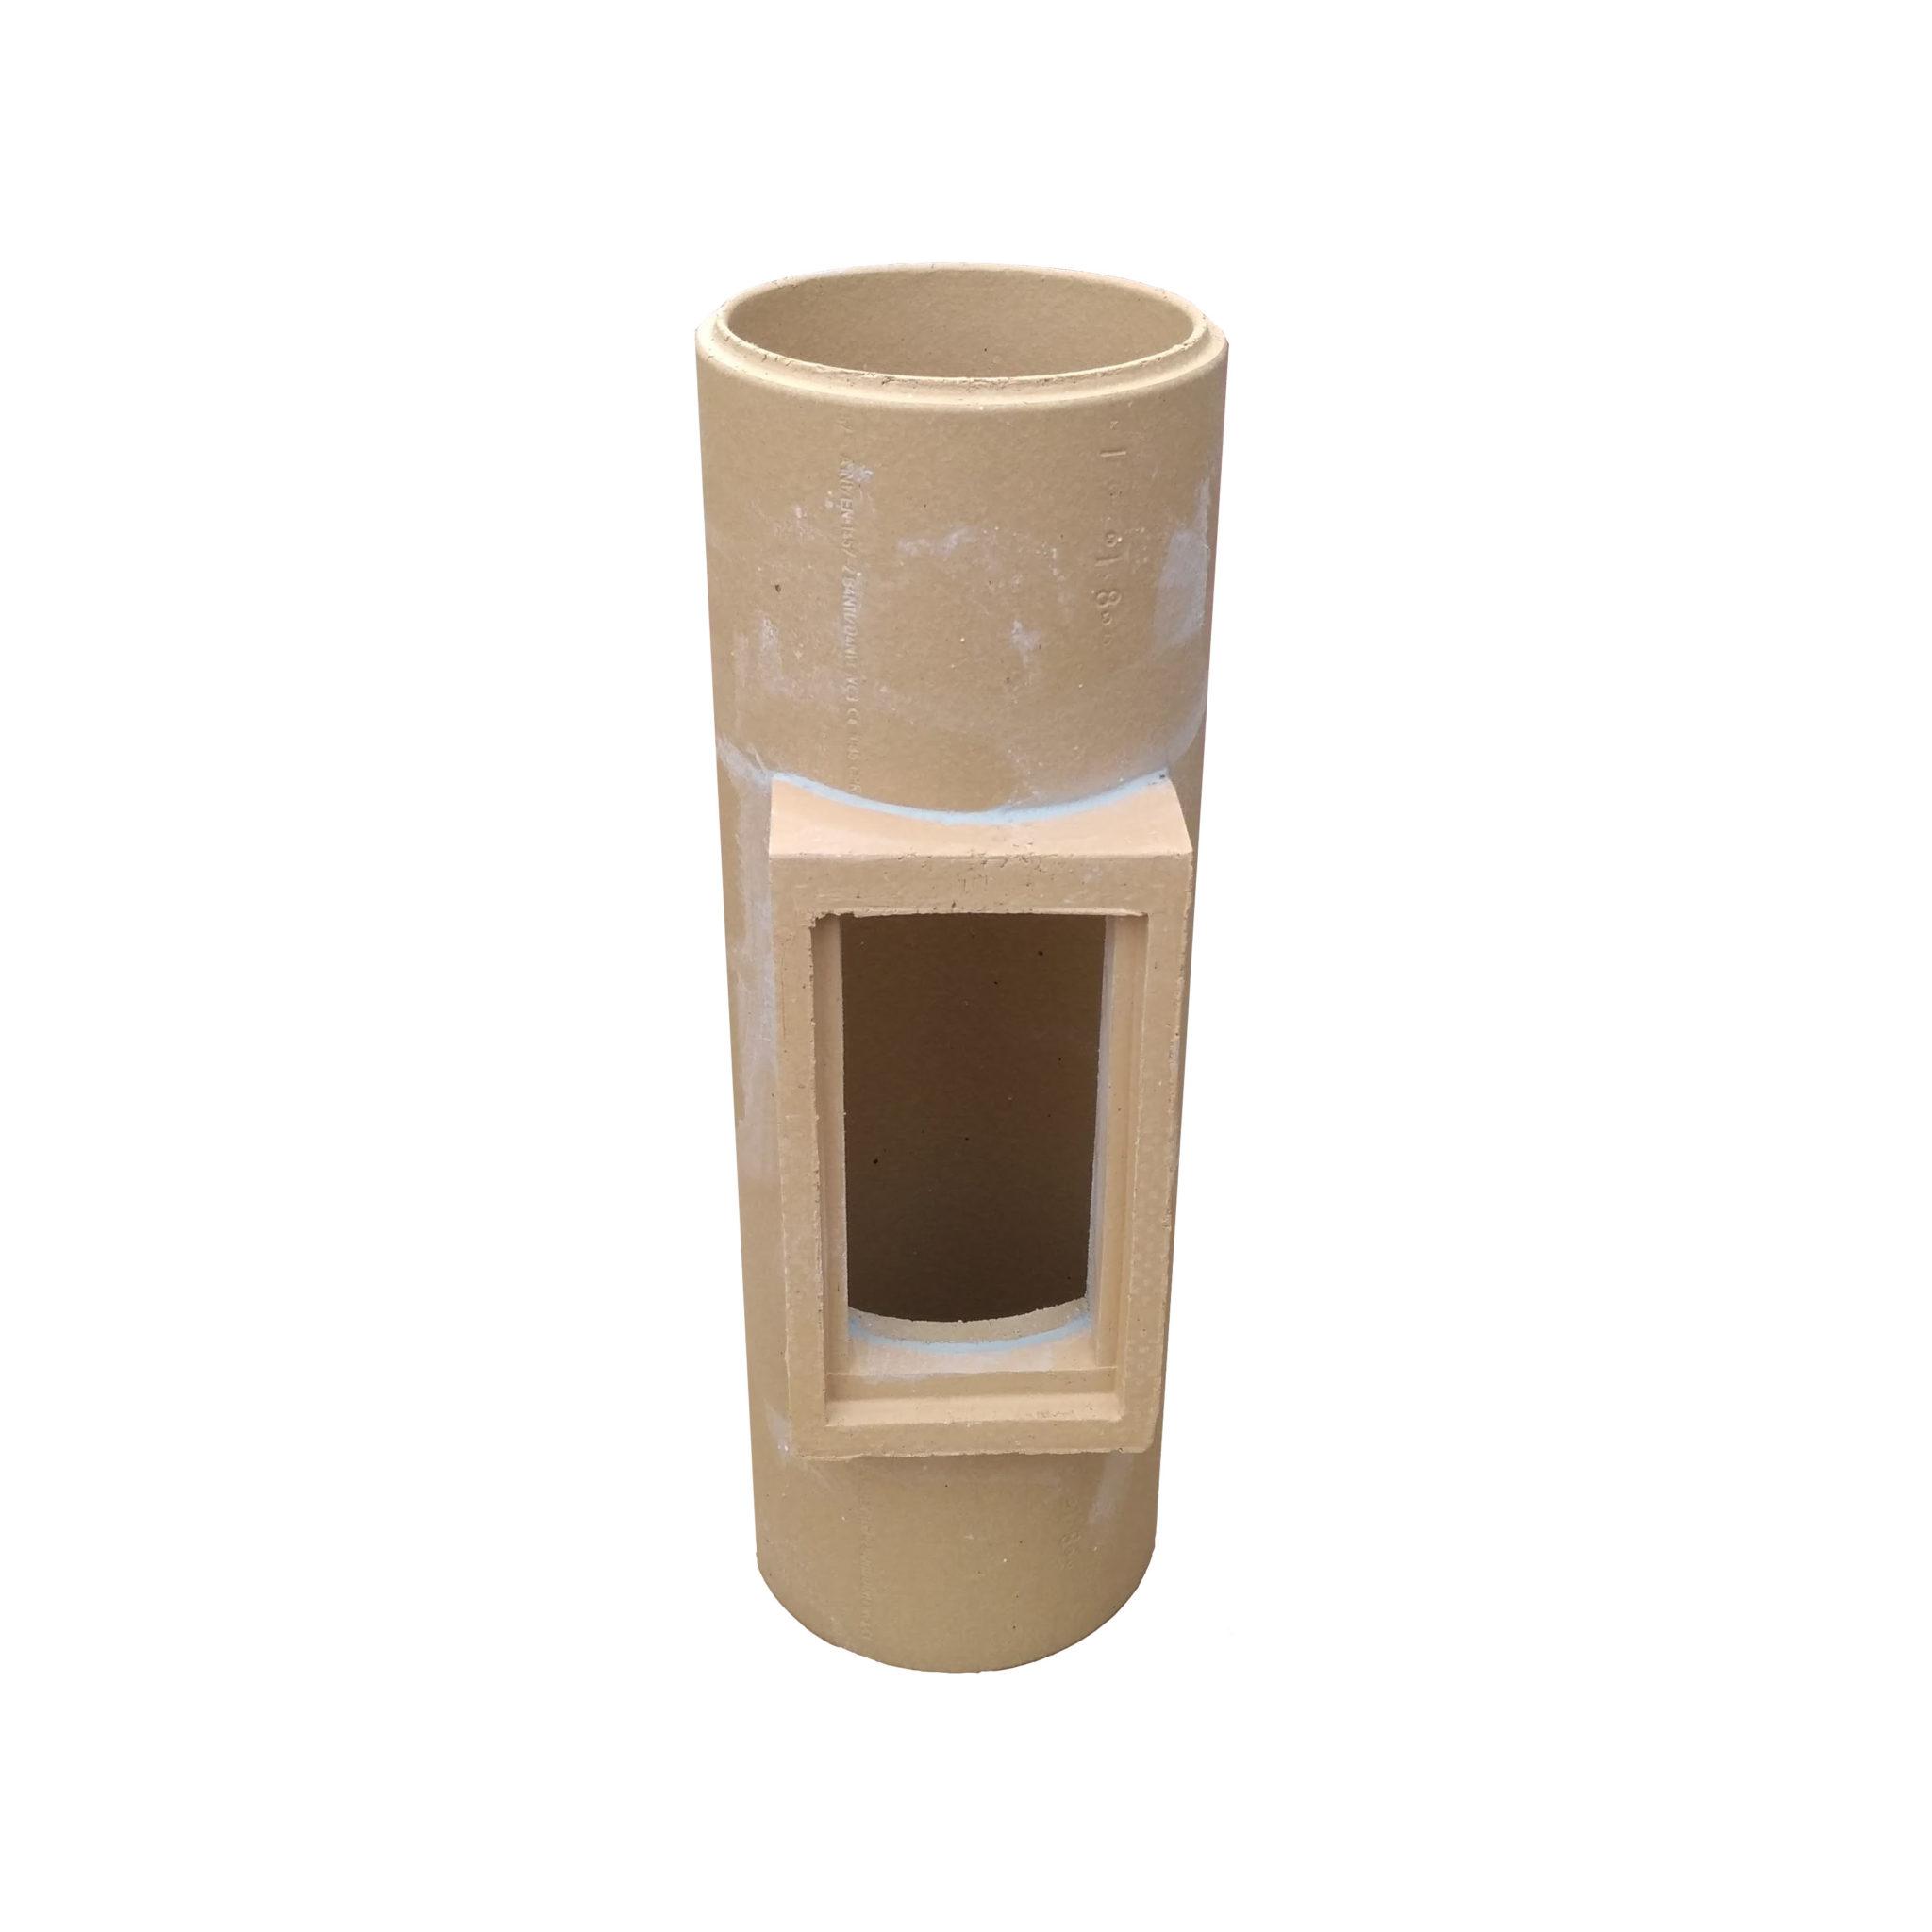 Keramická komínová vložka - dvířkový (čistící) díl HART Keramik